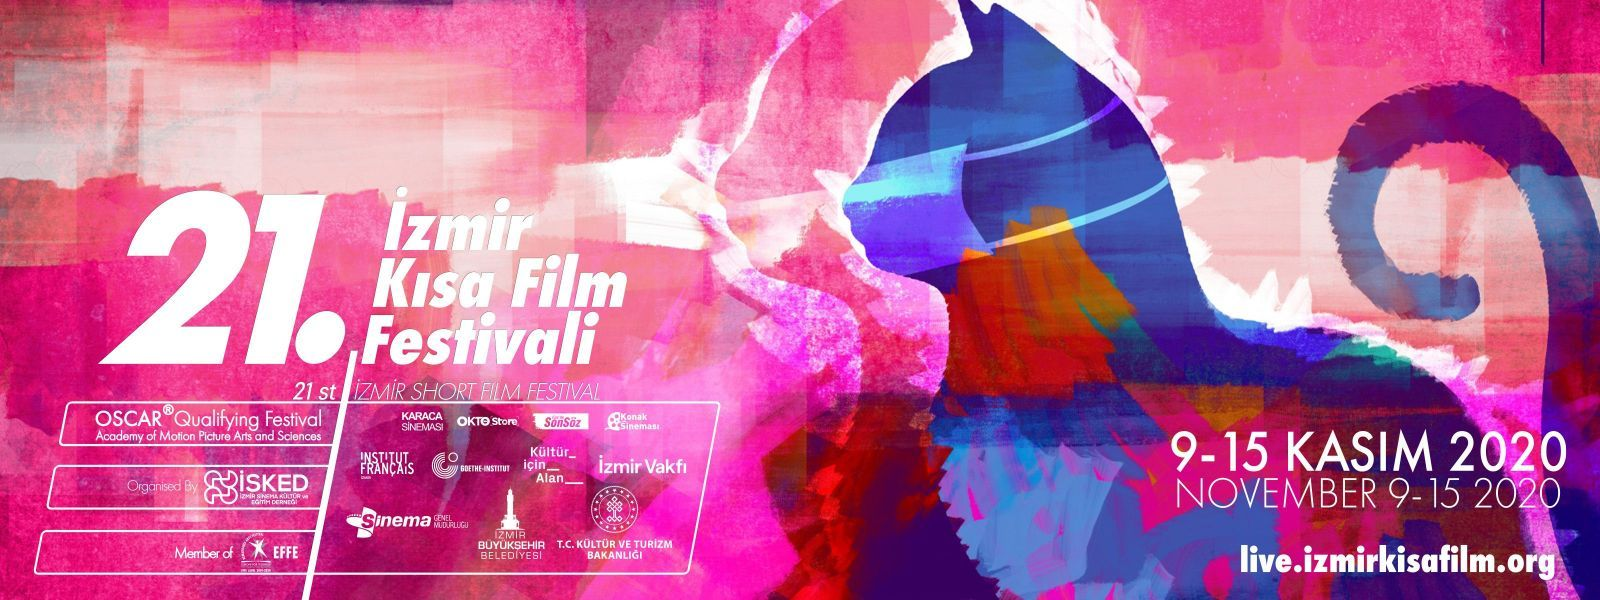 21. İzmir Kısa Film Festivali.jpg